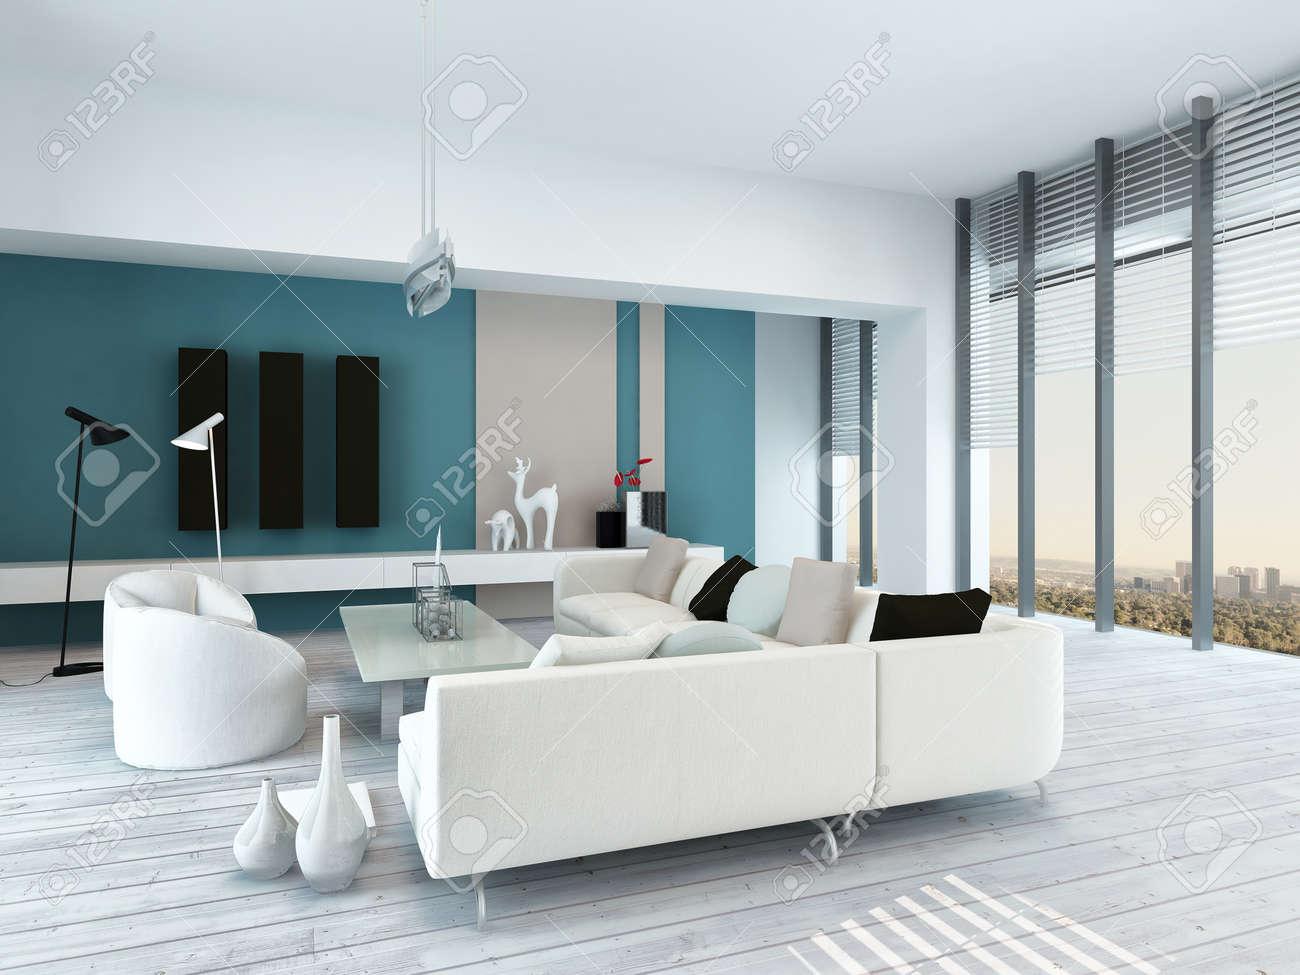 Mooie blauwe en witte woonkamer interieur met rustieke wit ...